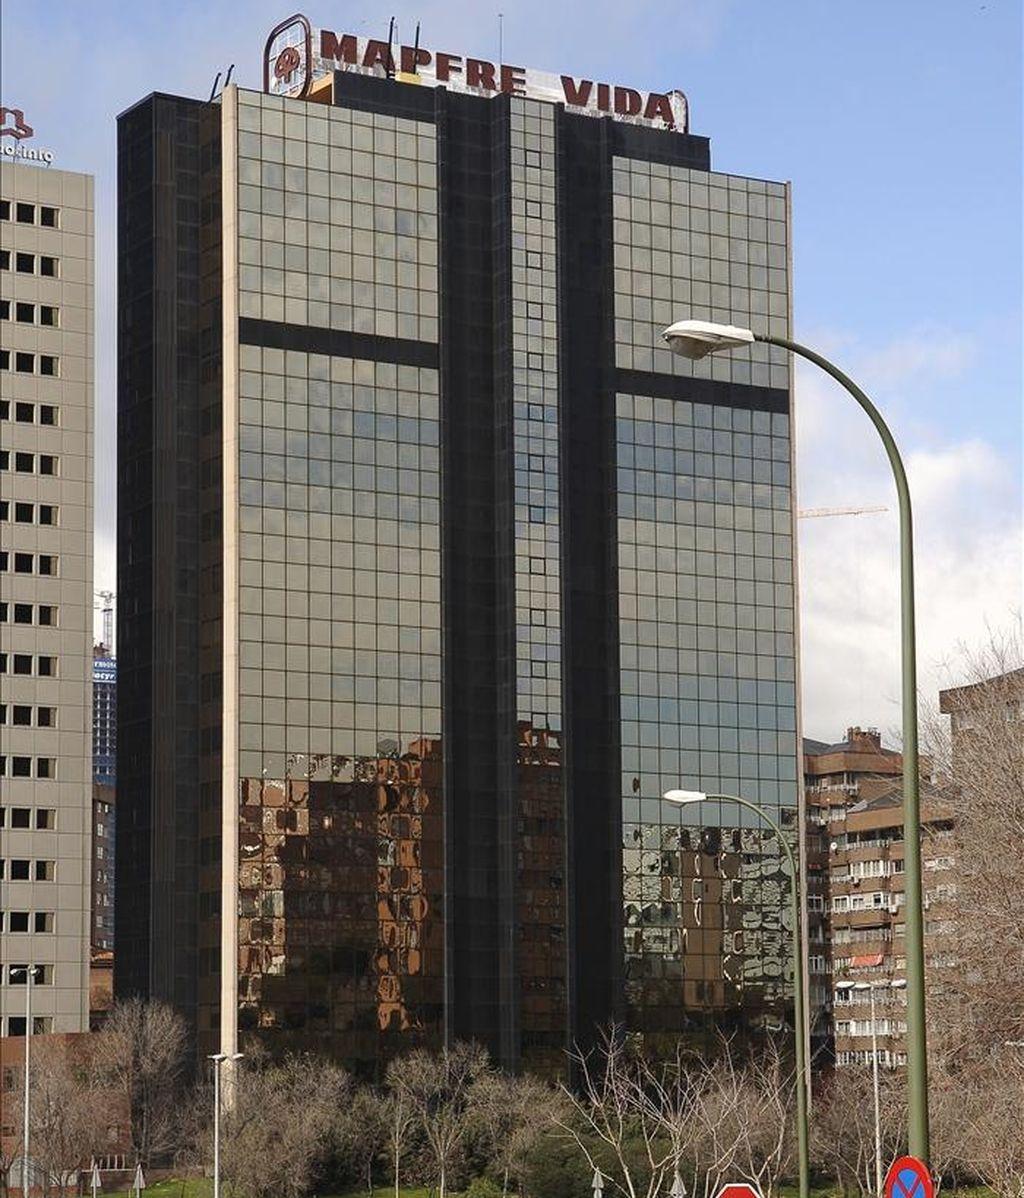 Mapfre anunció hoy un acuerdo para adquirir a la compañía Munich Re el 19,9 por ciento que posee en la aseguradora maltesa Middlesea Insurance y que convertirá al grupo español en el principal accionista de esta entidad, con una participación del 50,98 por ciento. EFE/Archivo